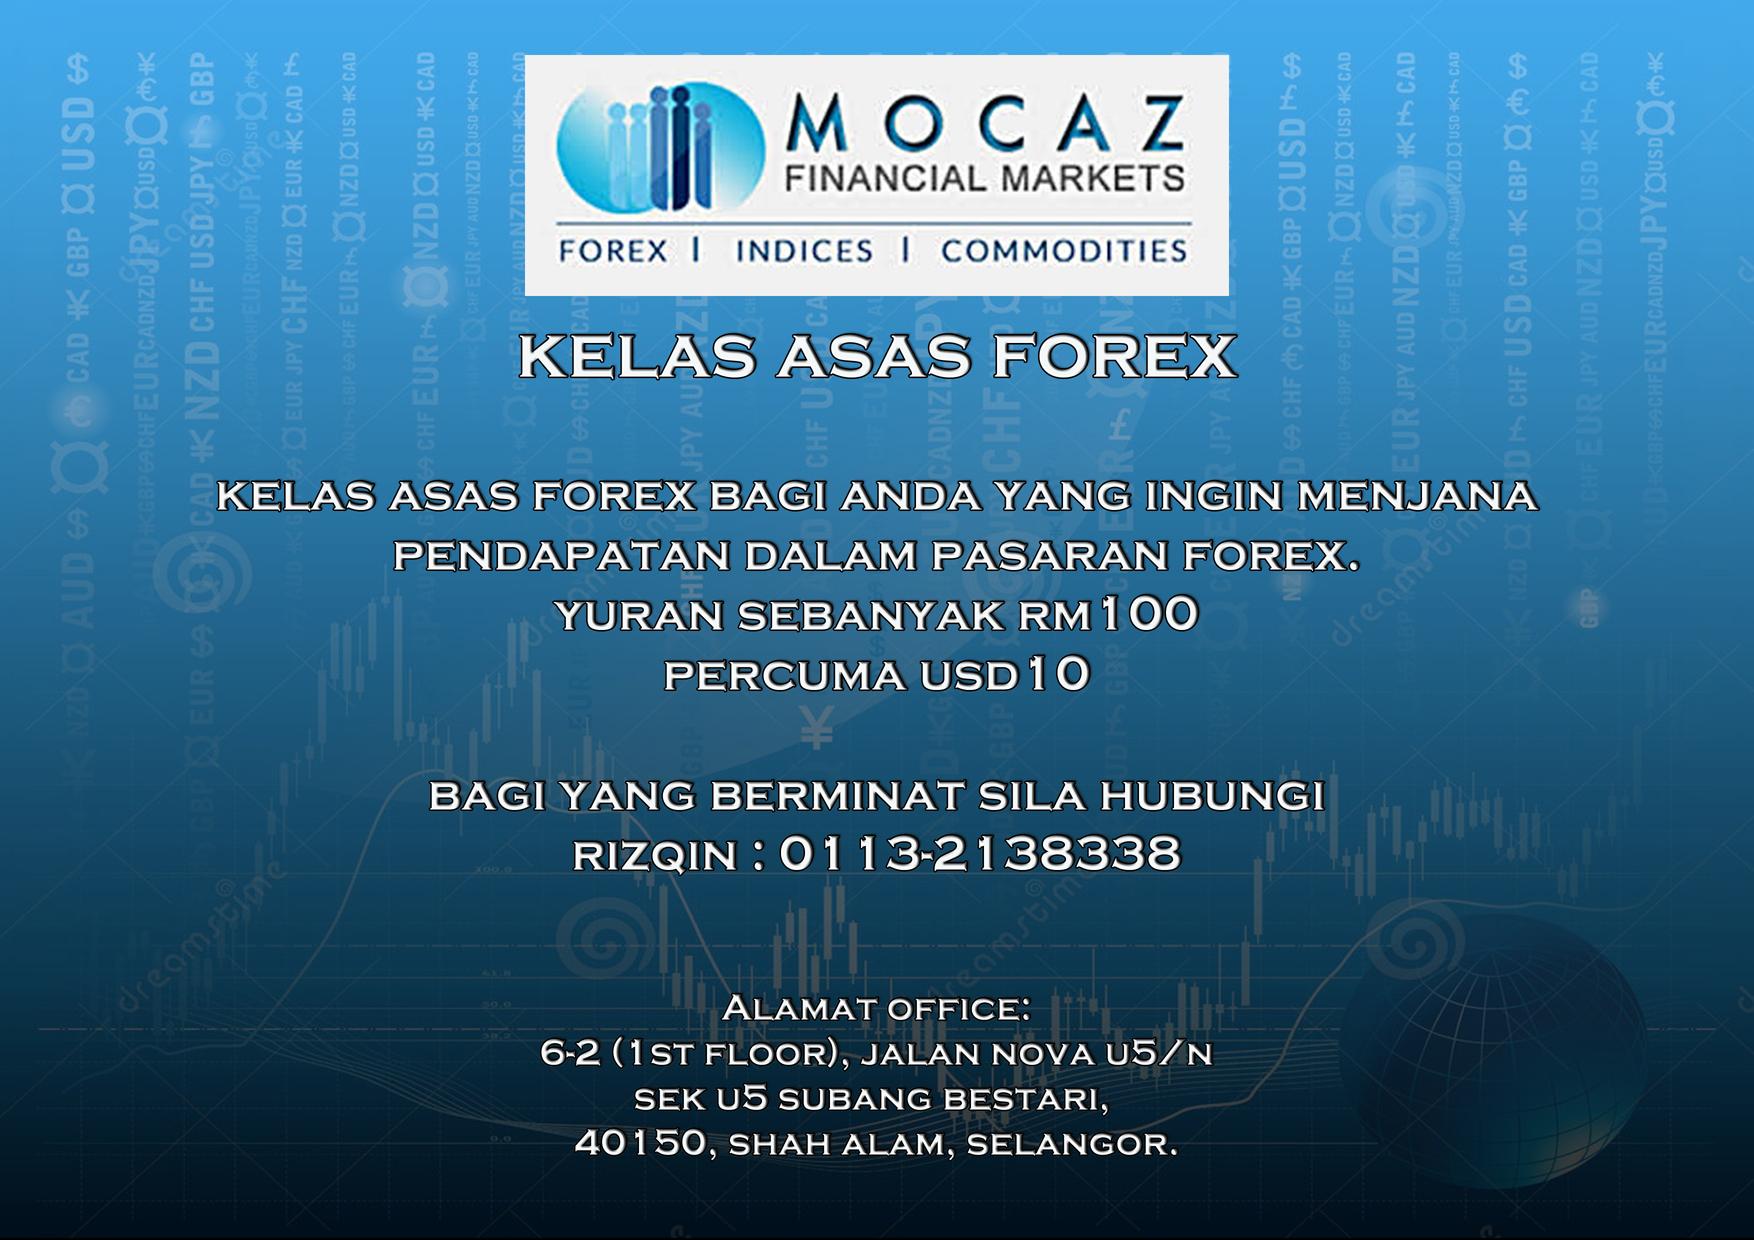 Forex az forum